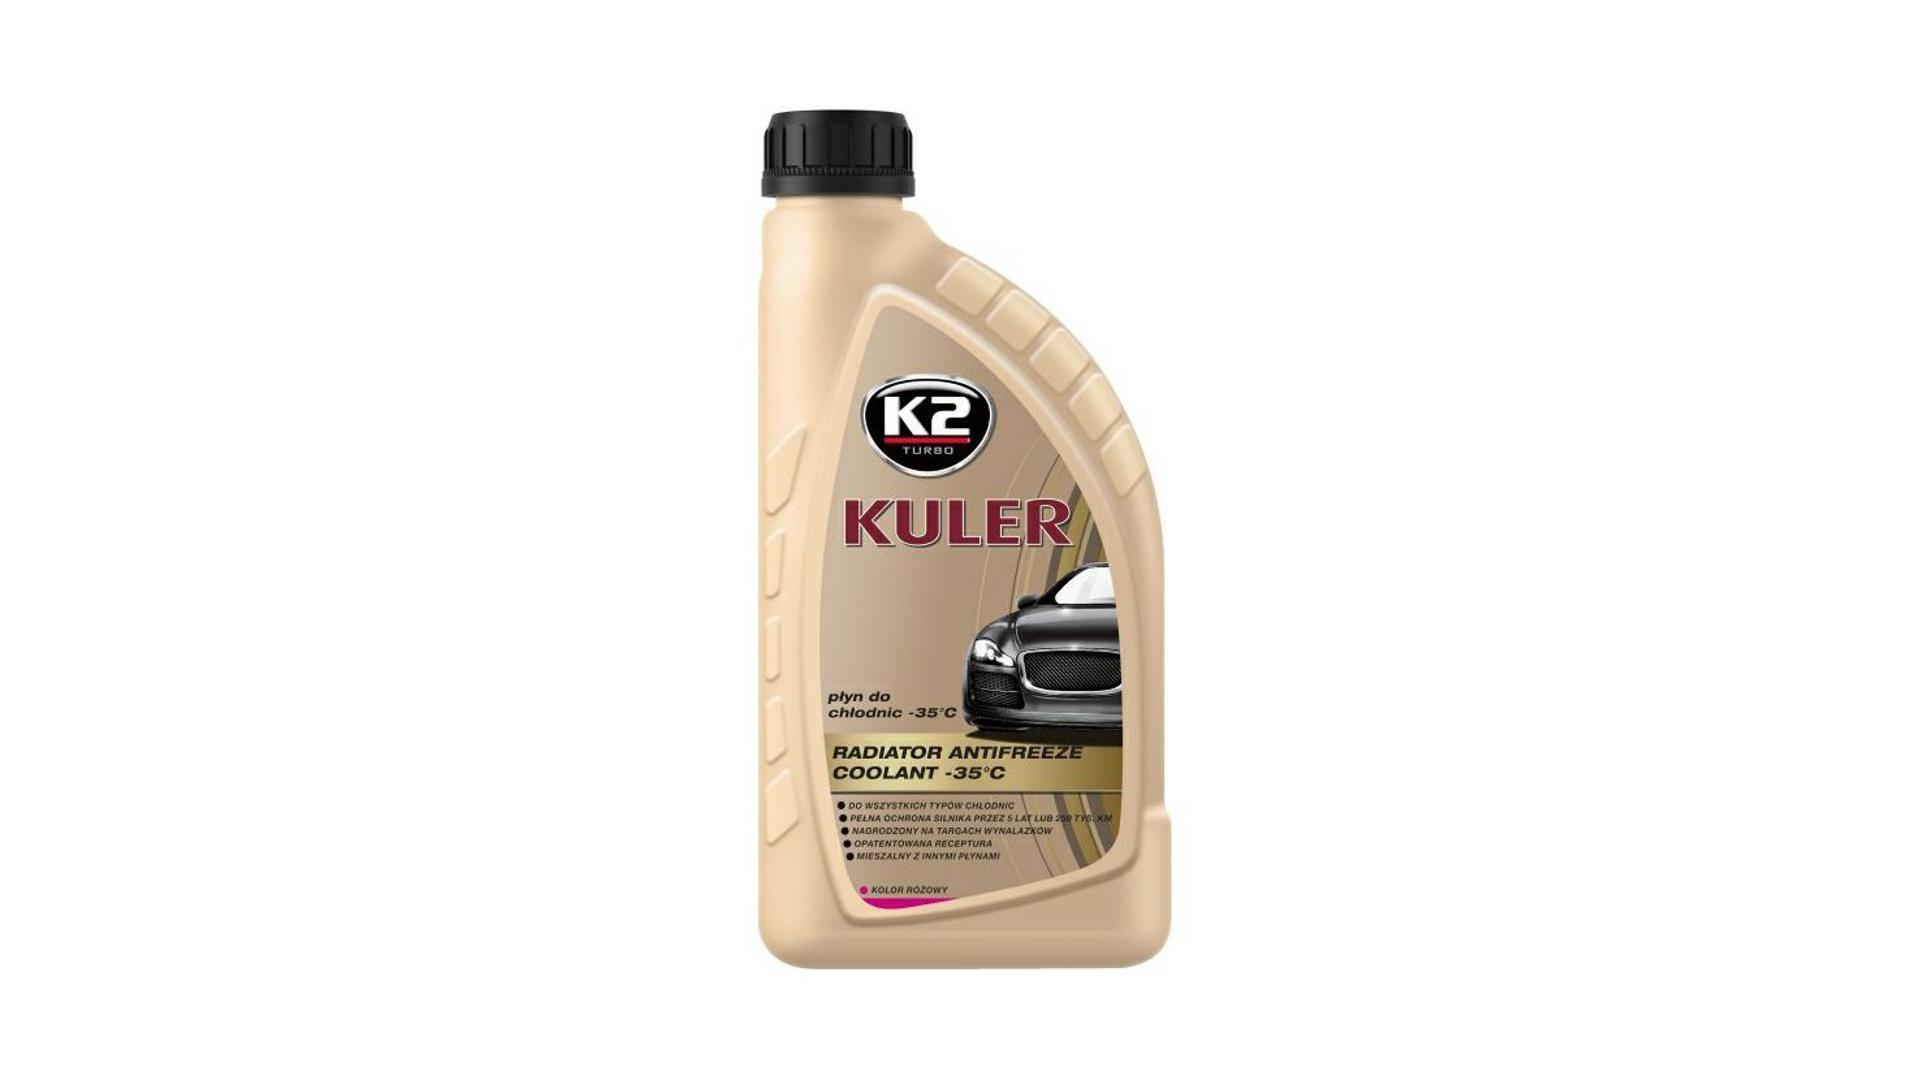 K2 KULER RŮŽOVÁ 1l - nemrznoucí kapalina do chladiče do -35 °C